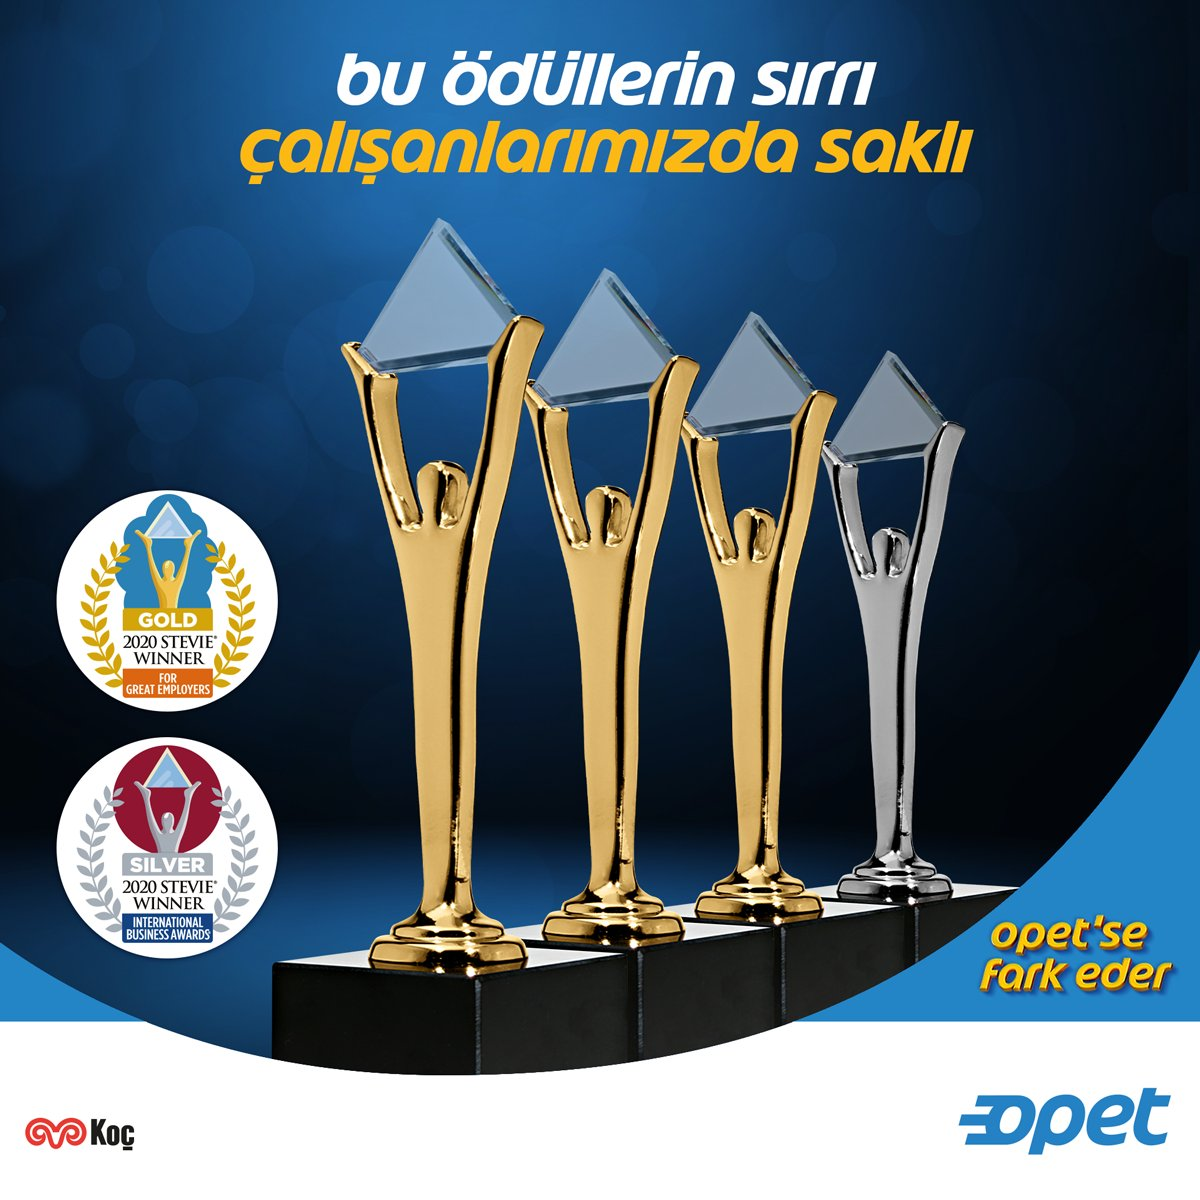 """Opet olarak, İnsan Kaynakları uygulama ve çözümlerini ödüllendiren """"Stevie Awards for Great Employers"""" ödül programında 3 Gold Stevie ile ödüllendirildik. Ayrıca dünyanın önde gelen iş ödülleri programı """"Stevie International Business Awards""""da da 1 Silver Stevie kazandık. https://t.co/wTi12GQ18p"""